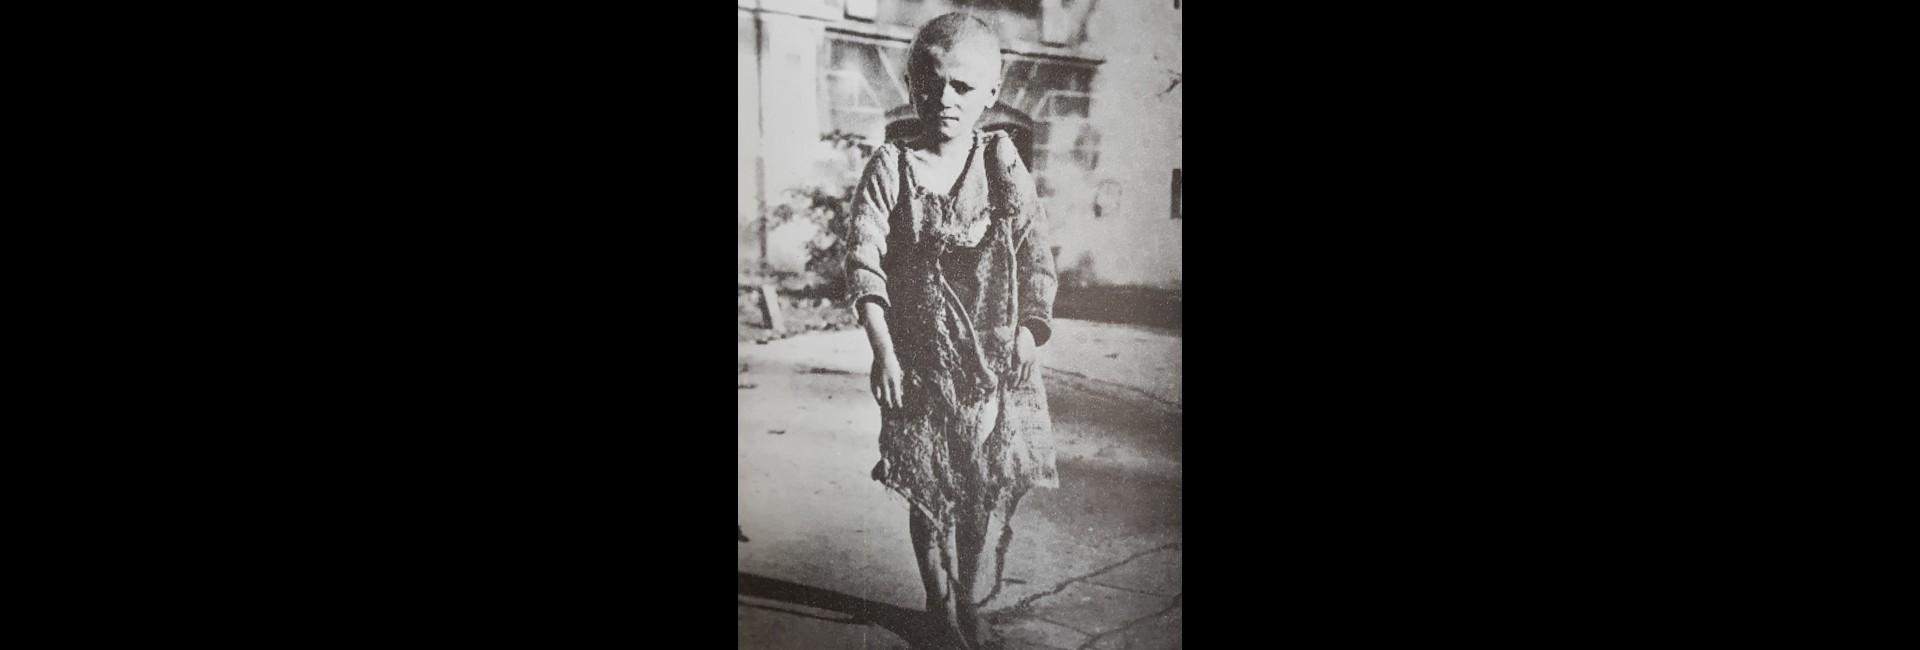 cum au fost uciși două sute de mii de români basarabeni foametea din 1946-47 și identitatea românească Anatol Țăranu slider